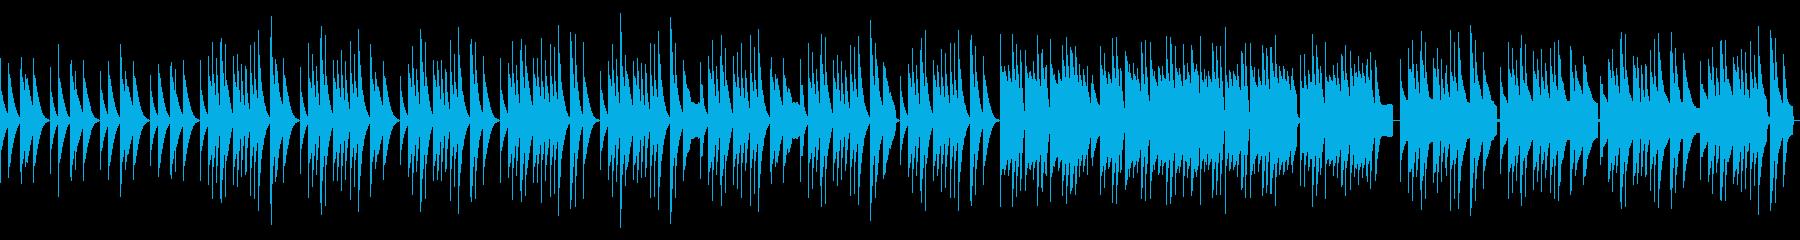 【リズム抜】木琴と鍵盤ハーモニカのほのぼの再生済みの波形